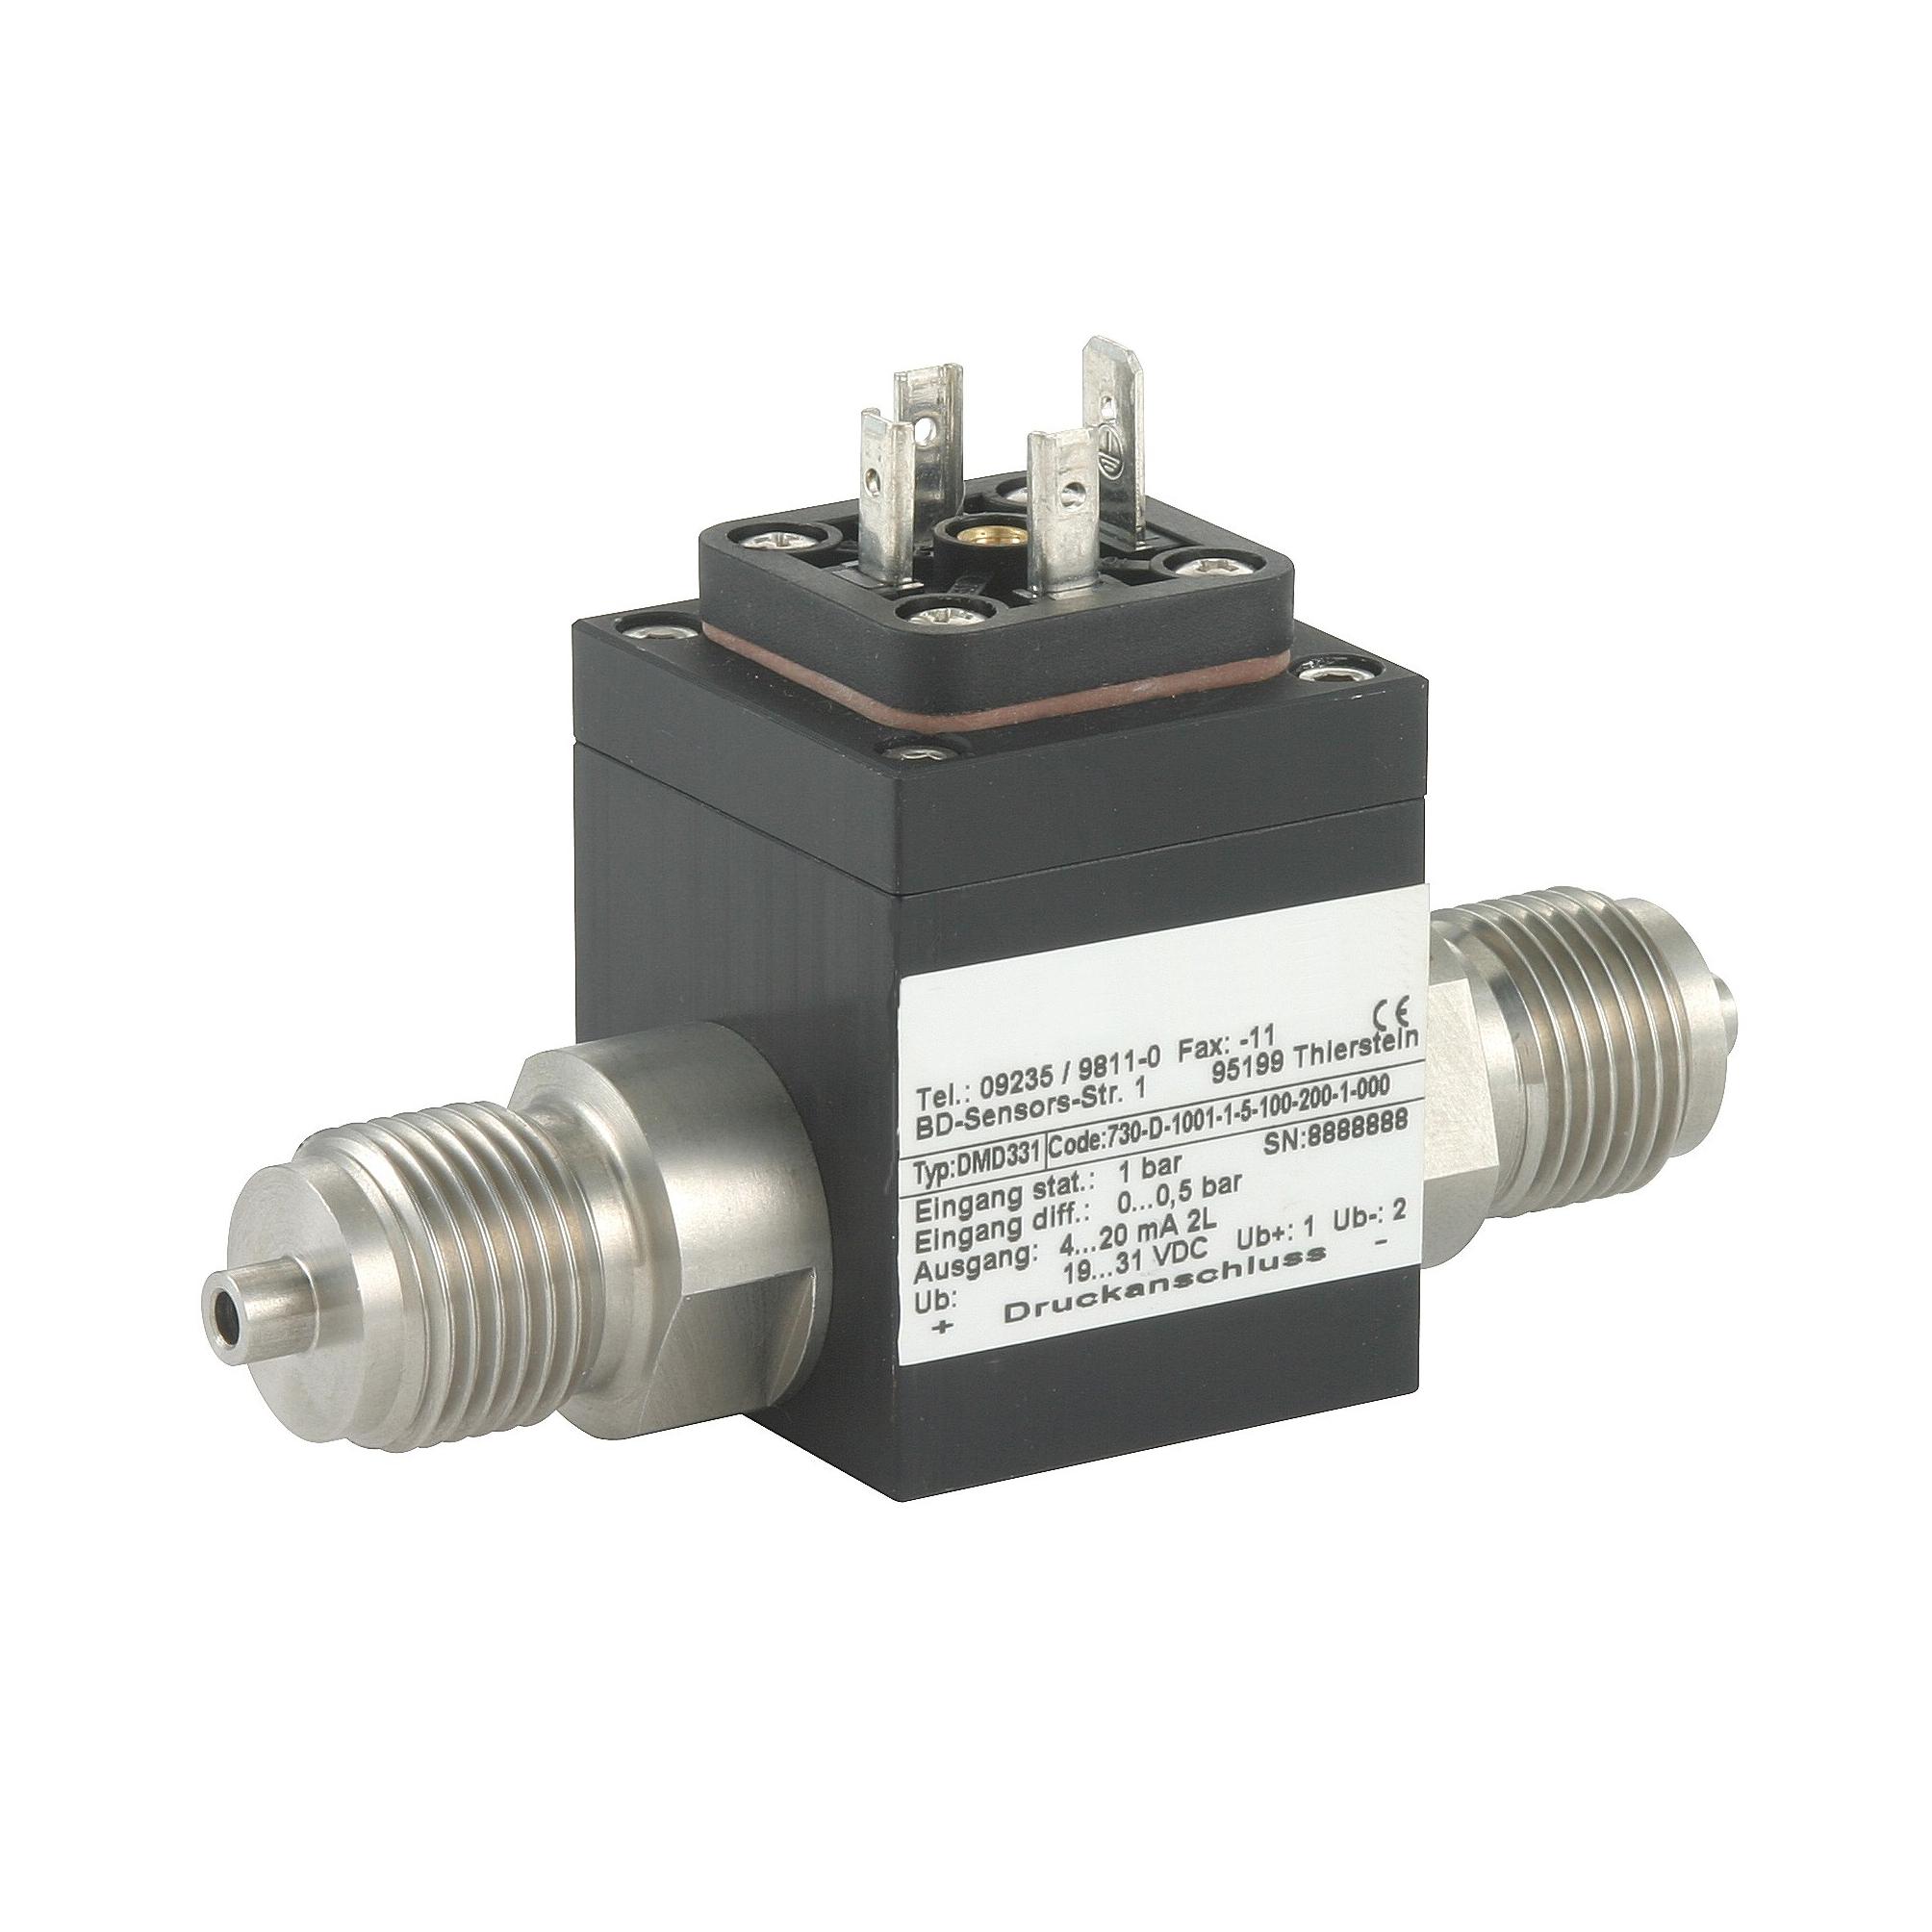 DMD-331 датчик дифференциального давления